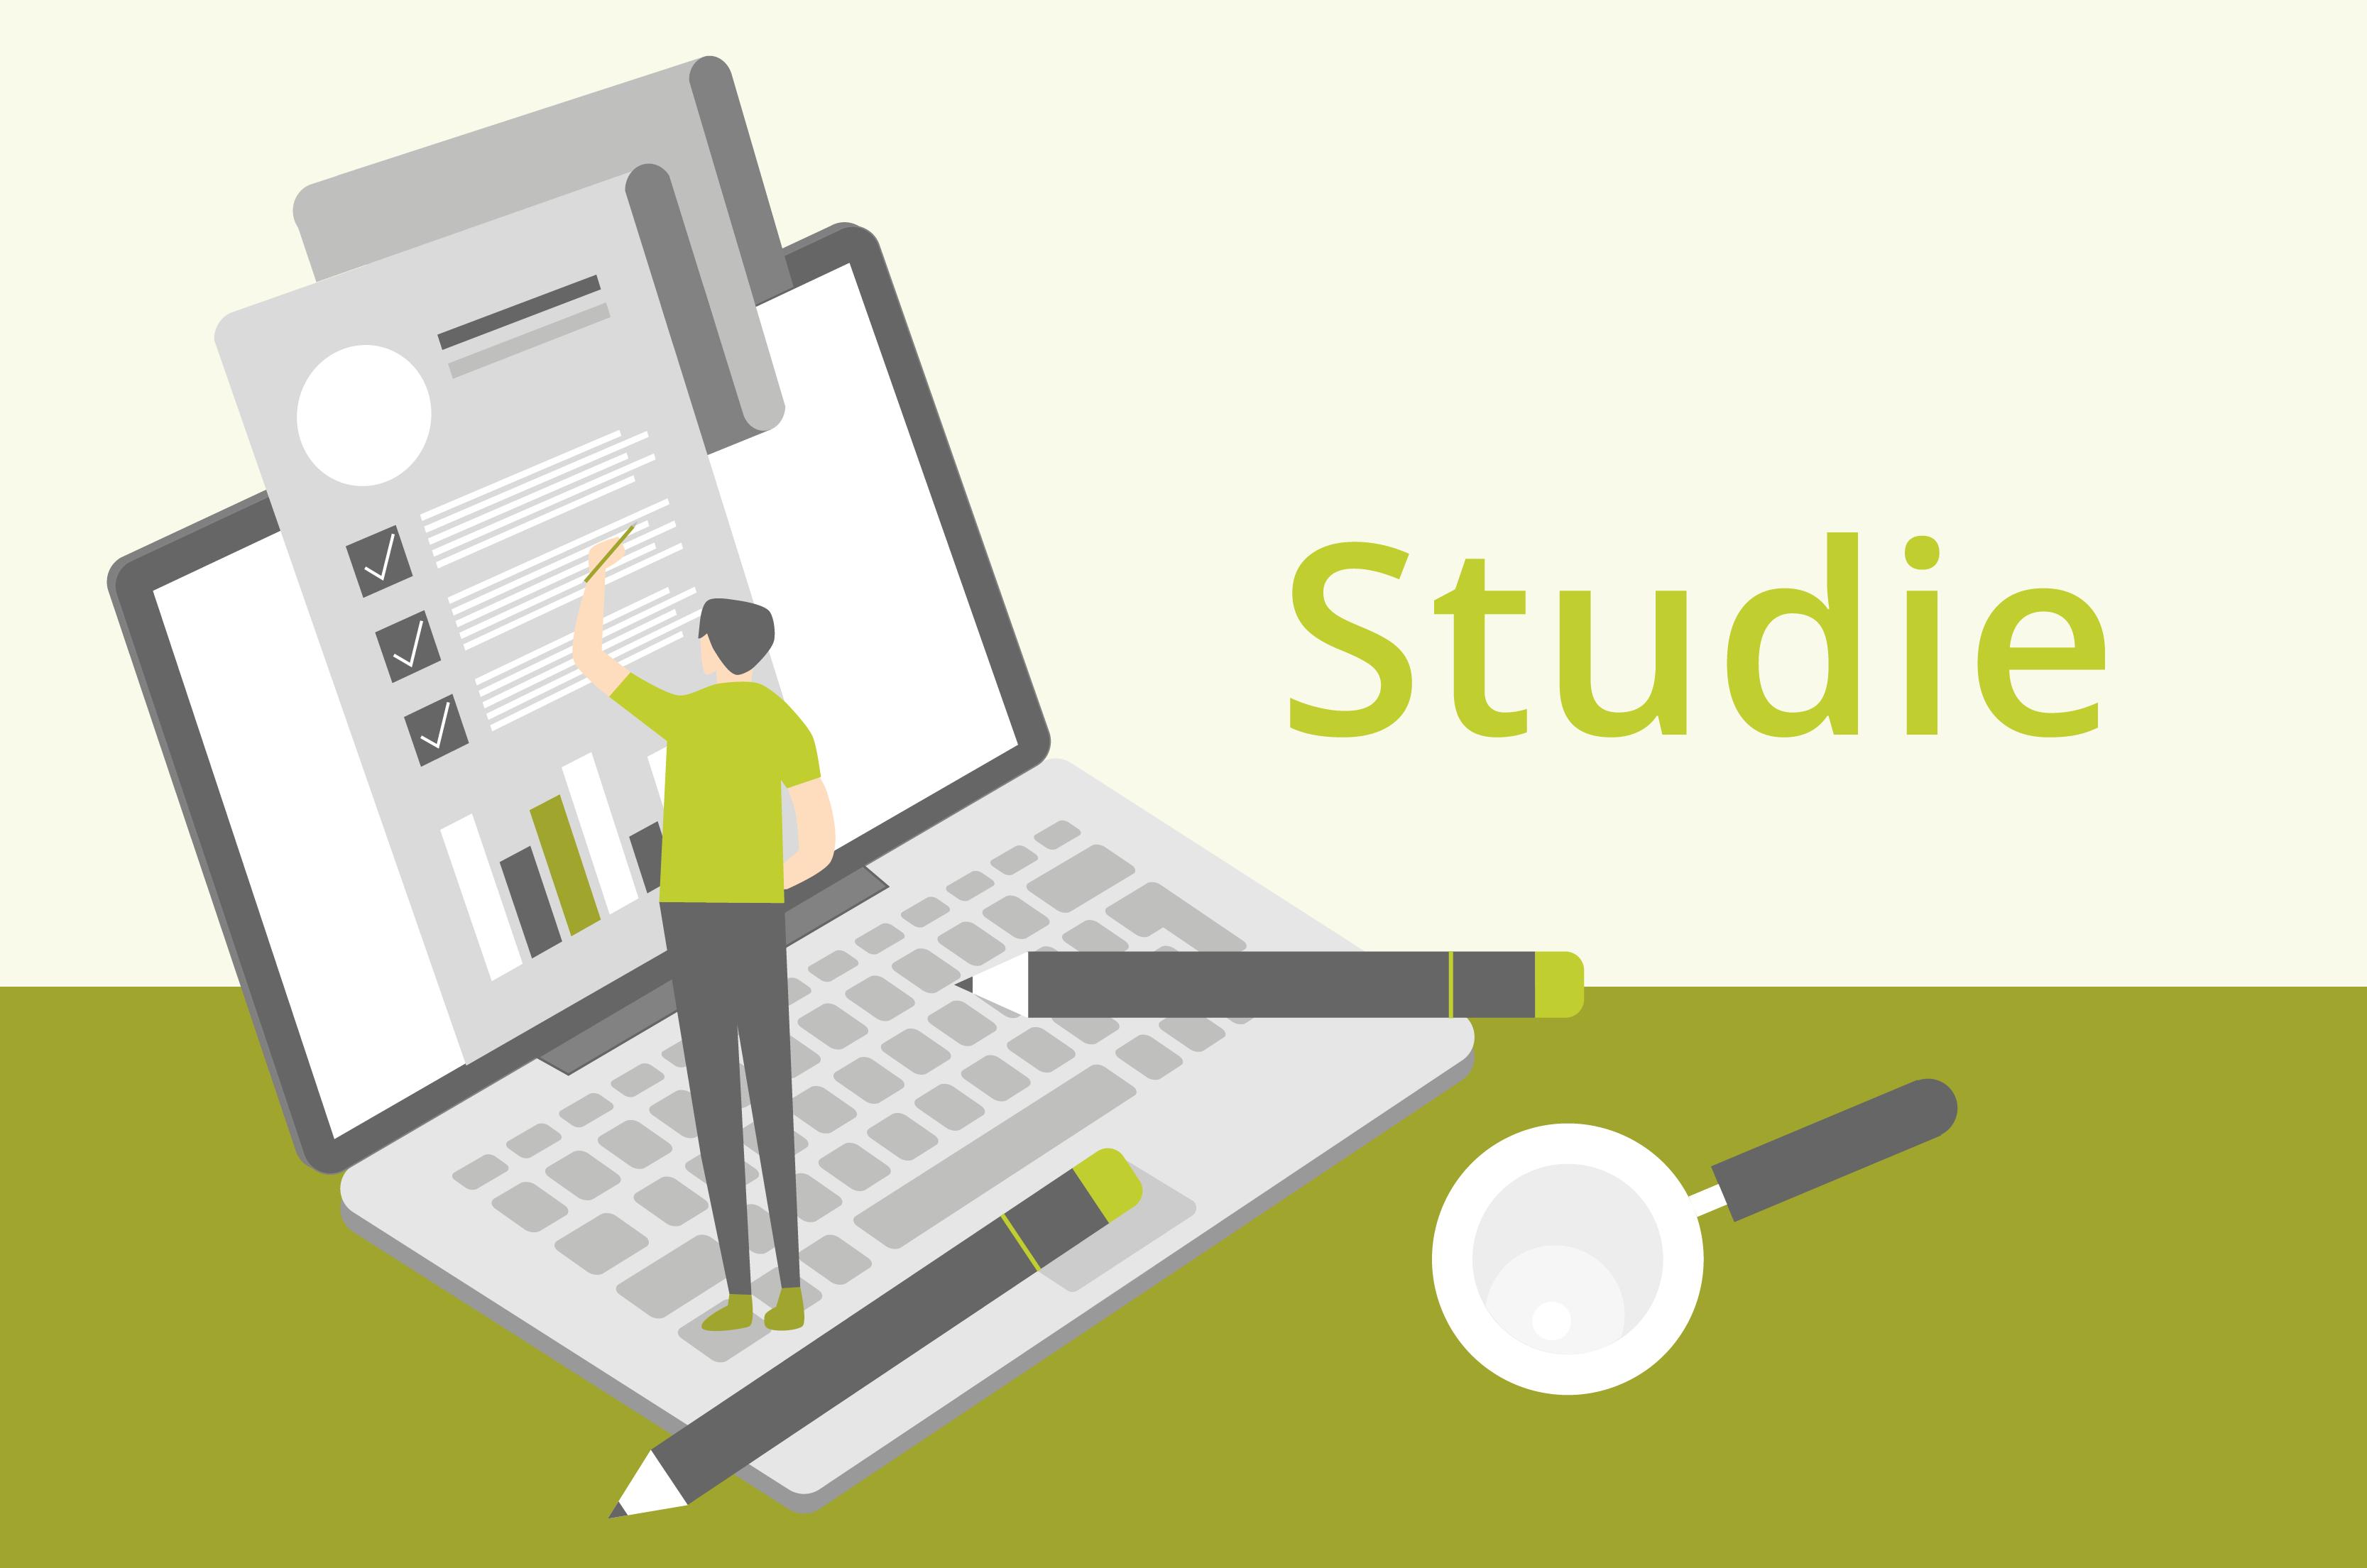 ibi research Studie 2020